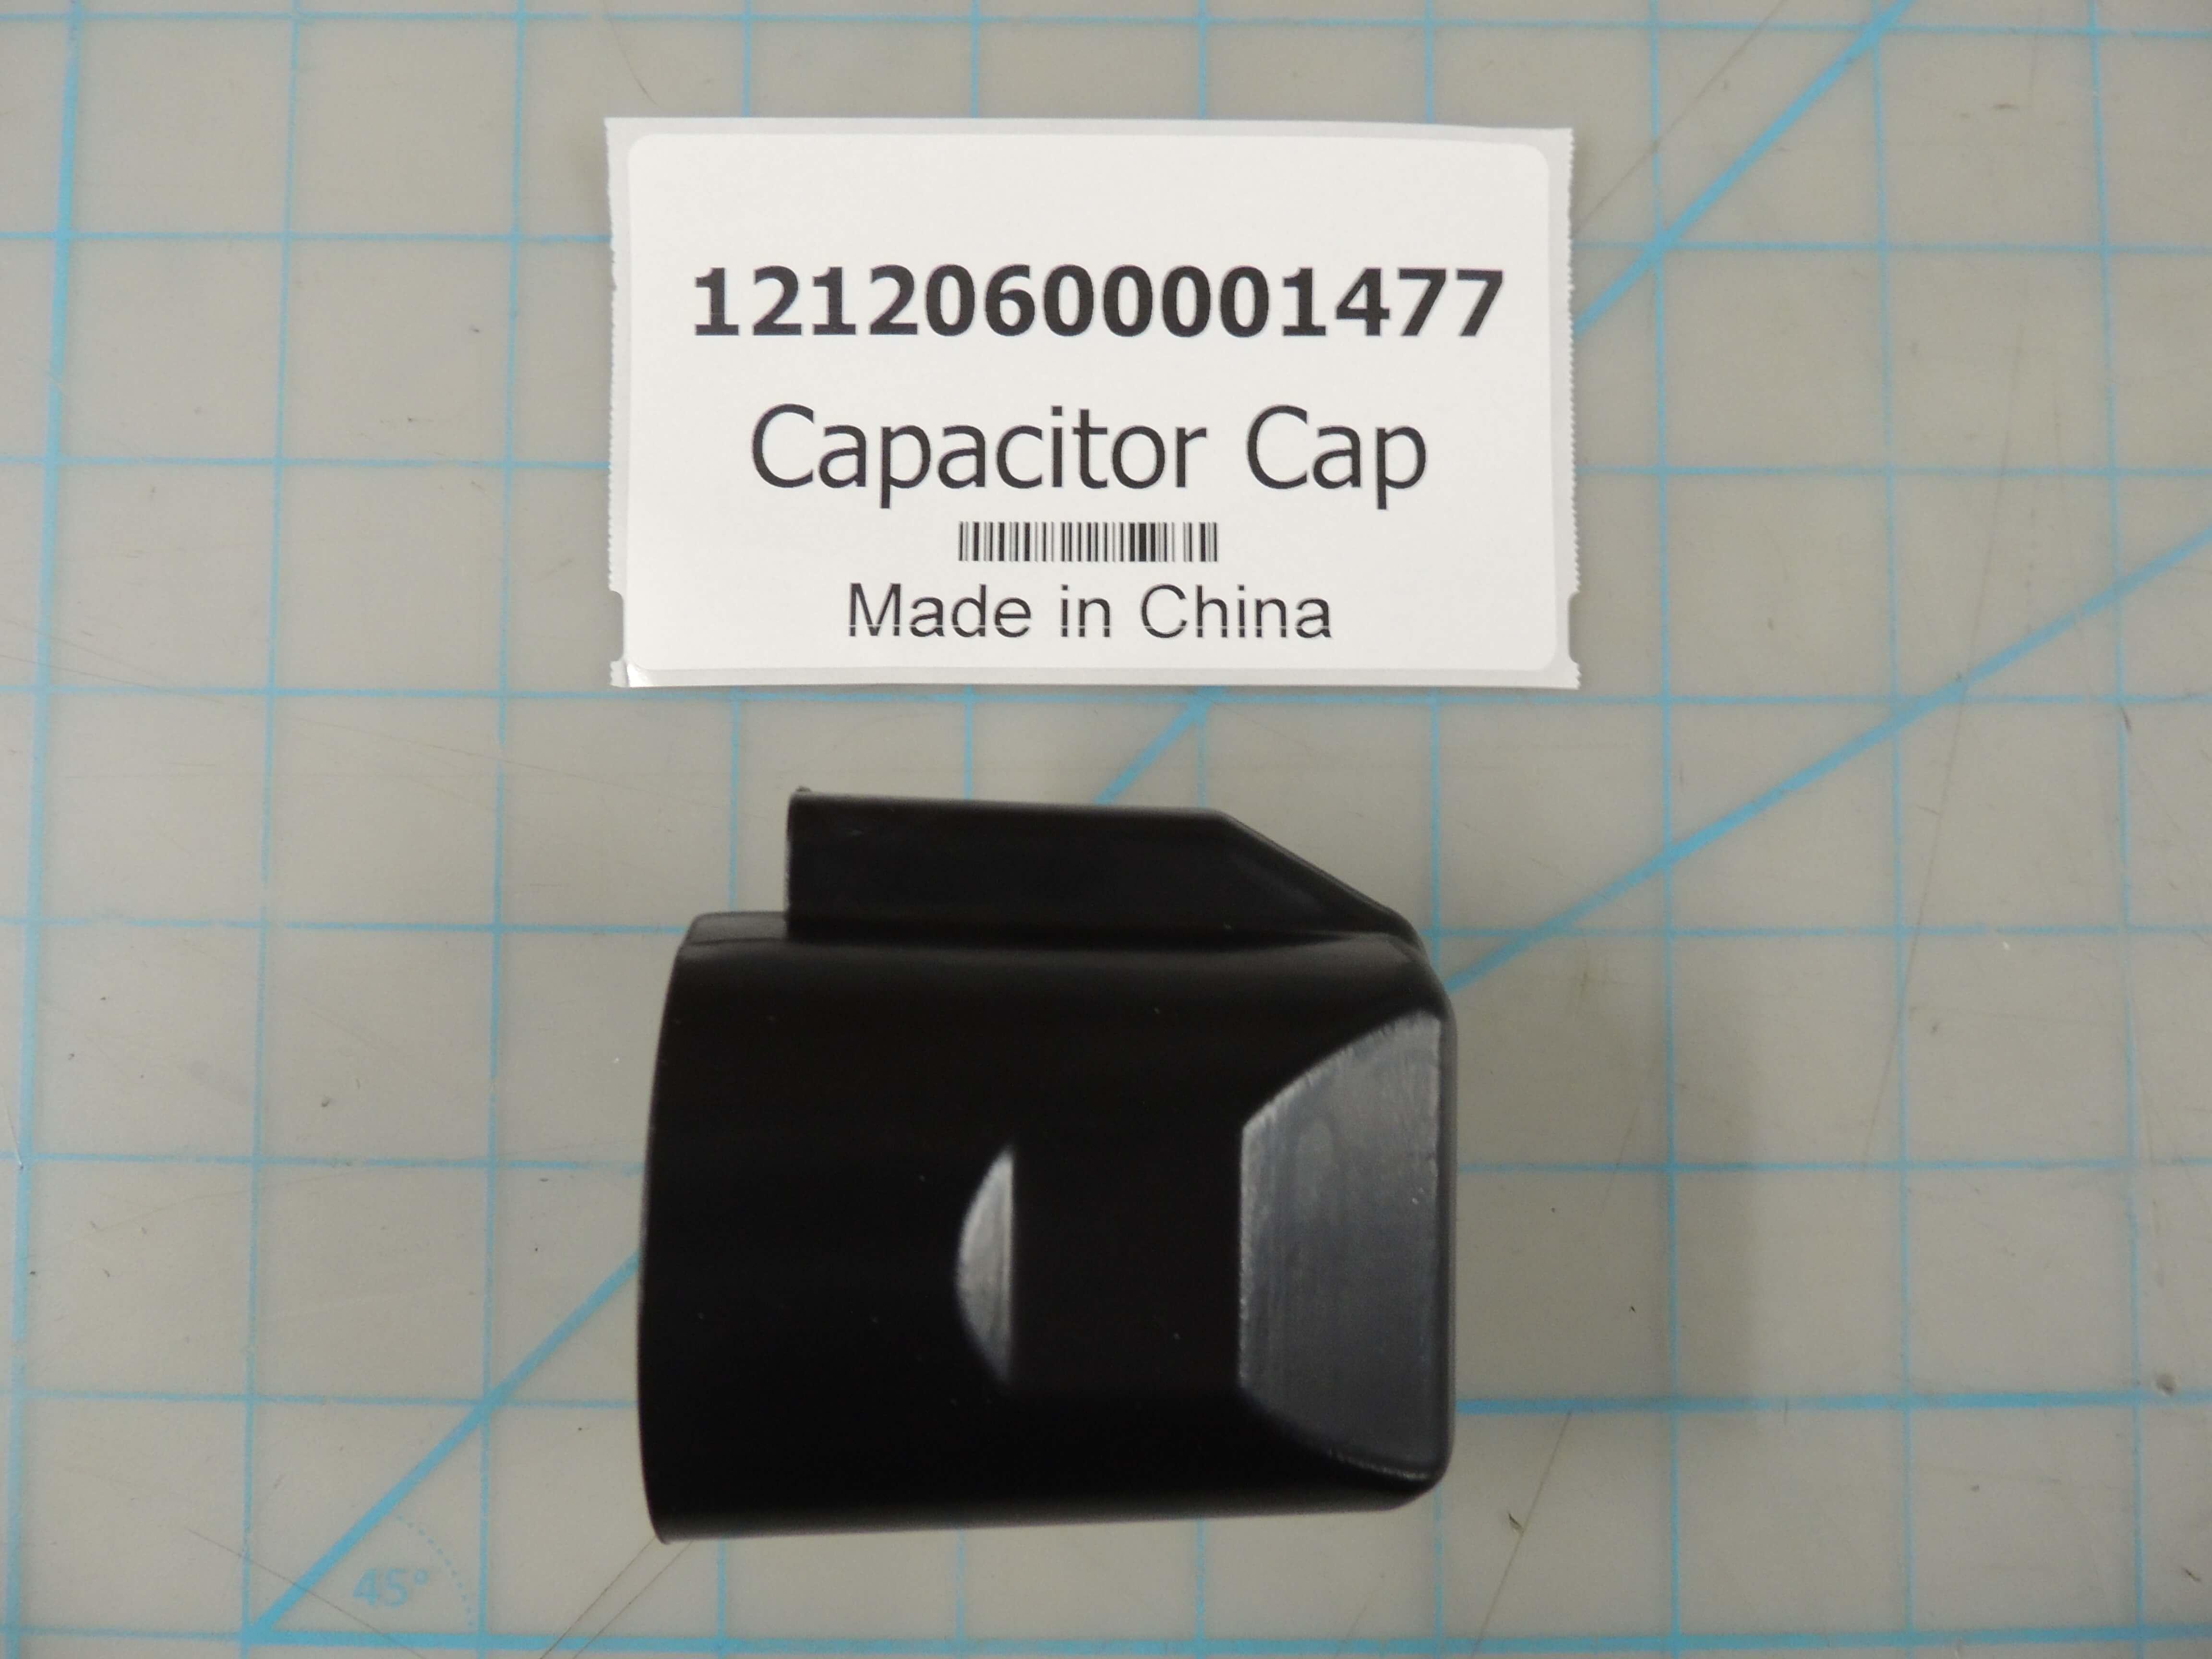 Capacitor Cap